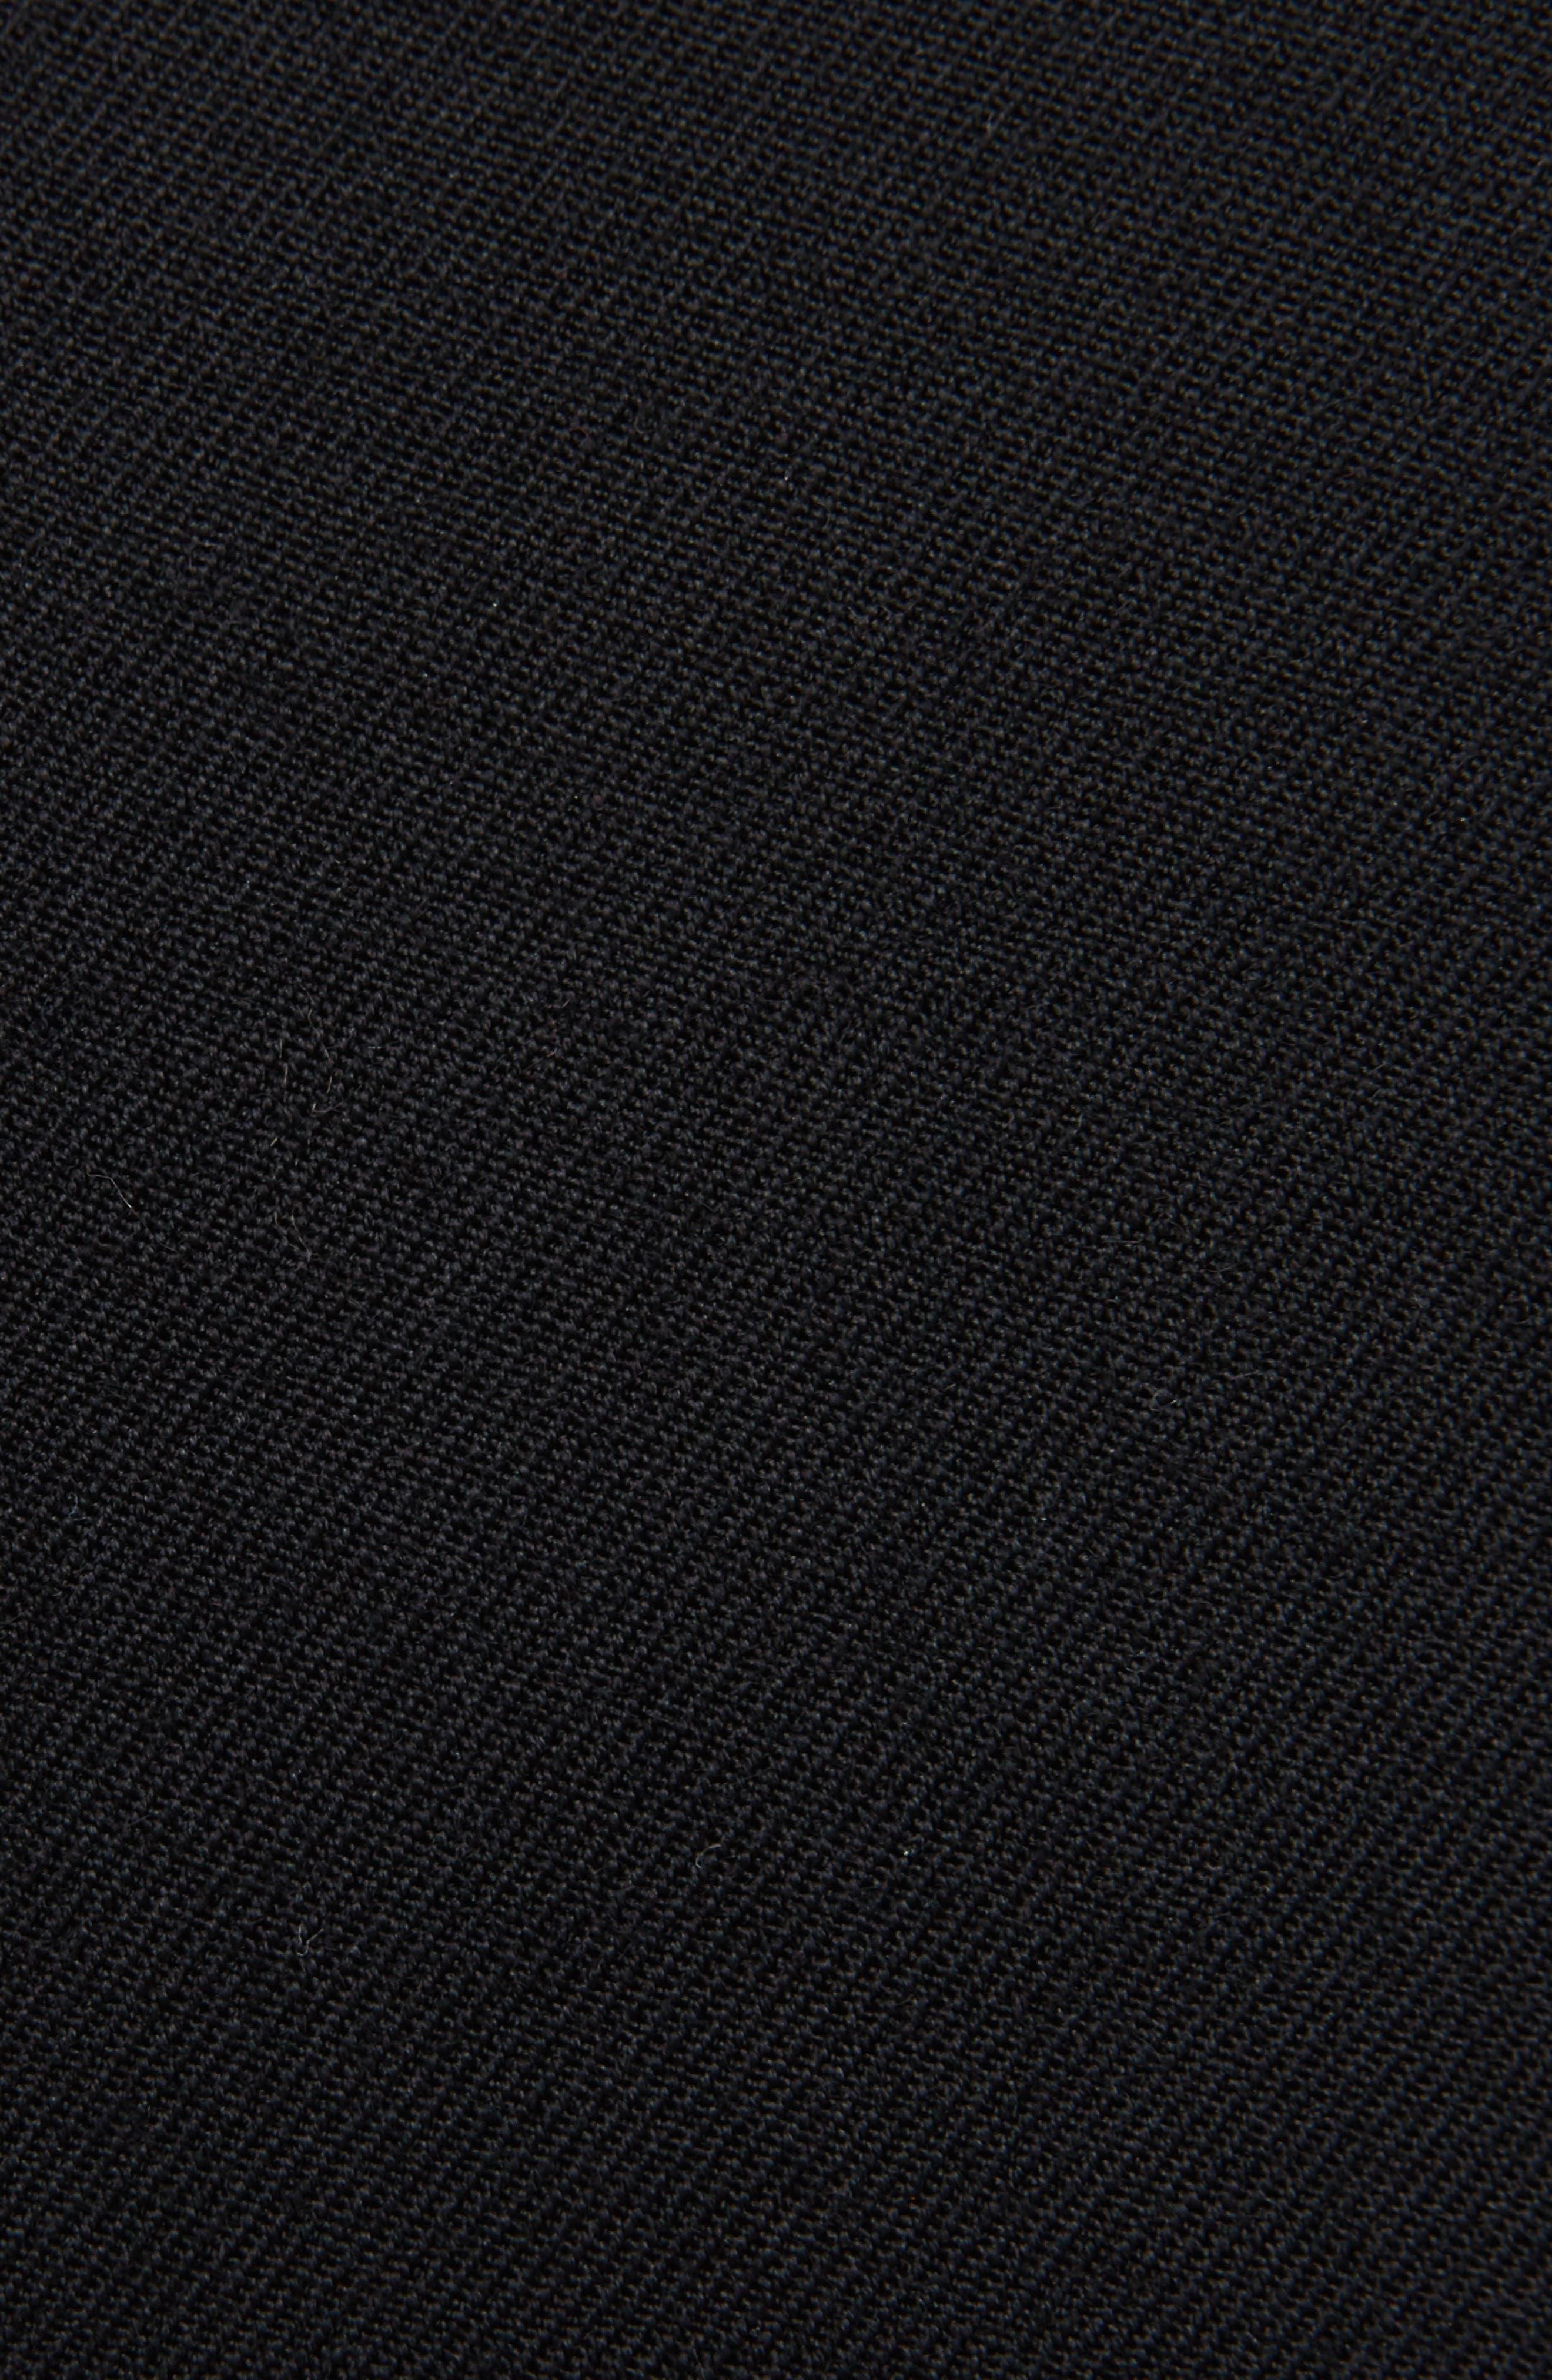 K Bottom Pleated Dress,                             Alternate thumbnail 3, color,                             Black